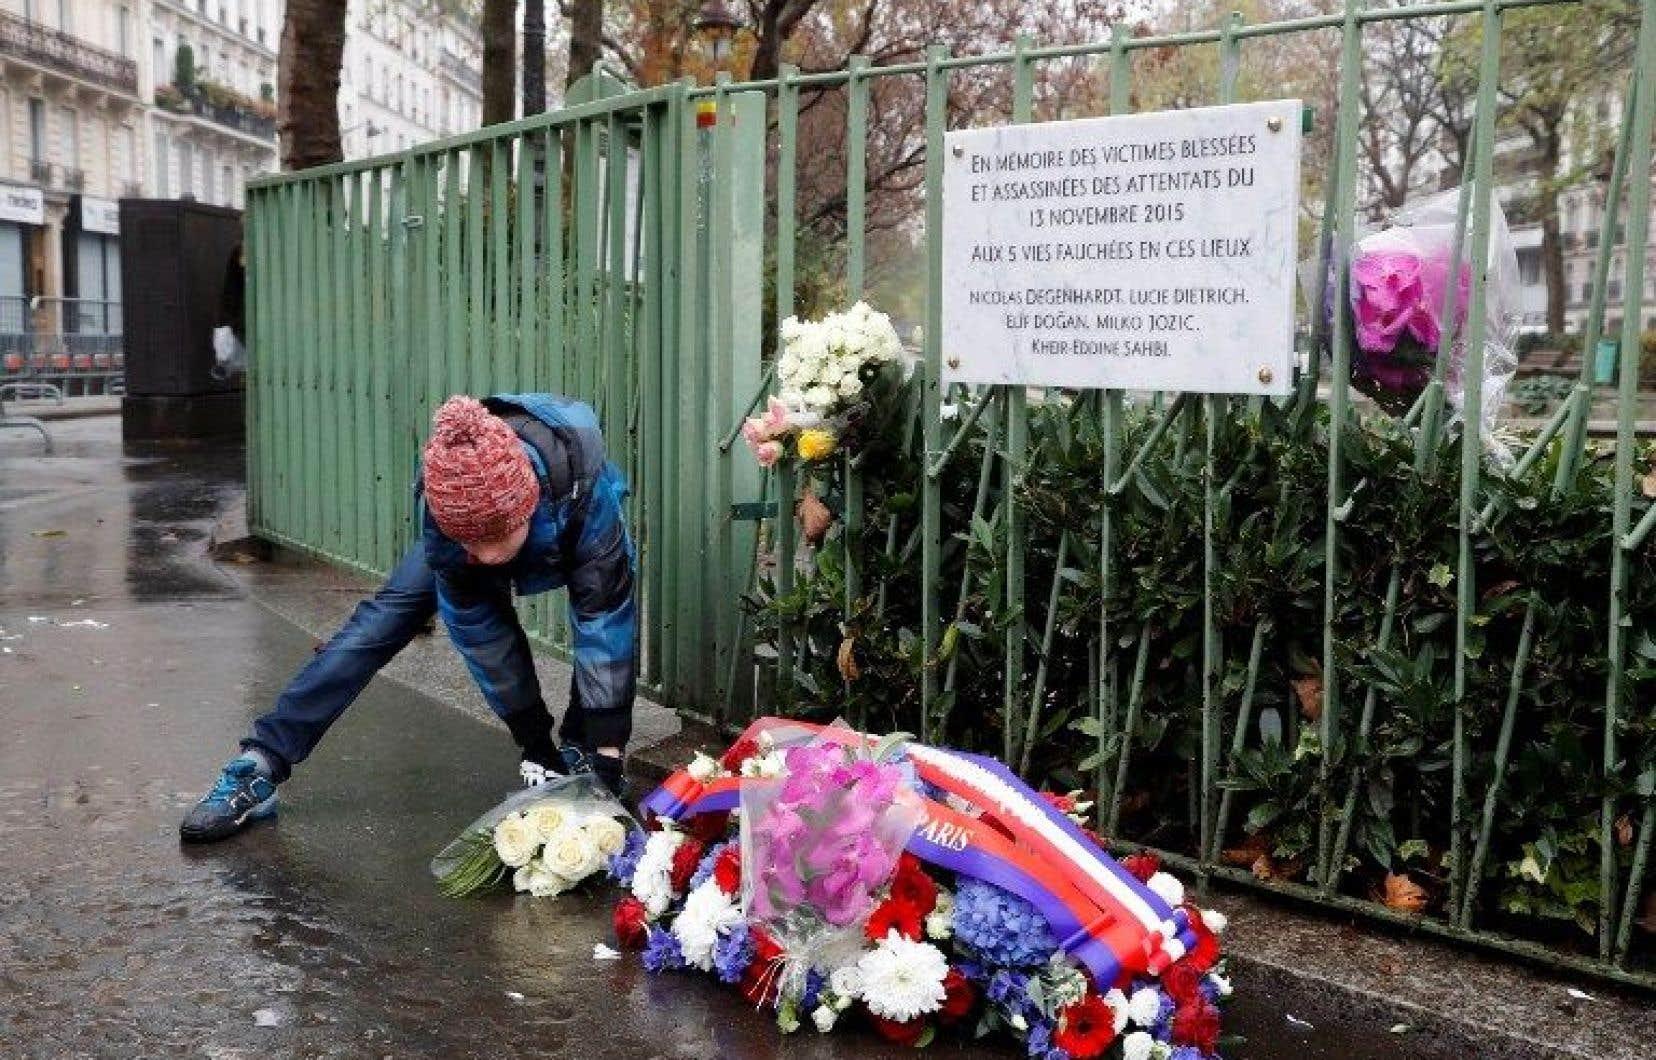 Un enfant dépose des fleurs devant une plaque en mémoire aux victimes qui ont perdu la vie le 13 novembre 2015, proche du Café Bonne Bière à Paris.